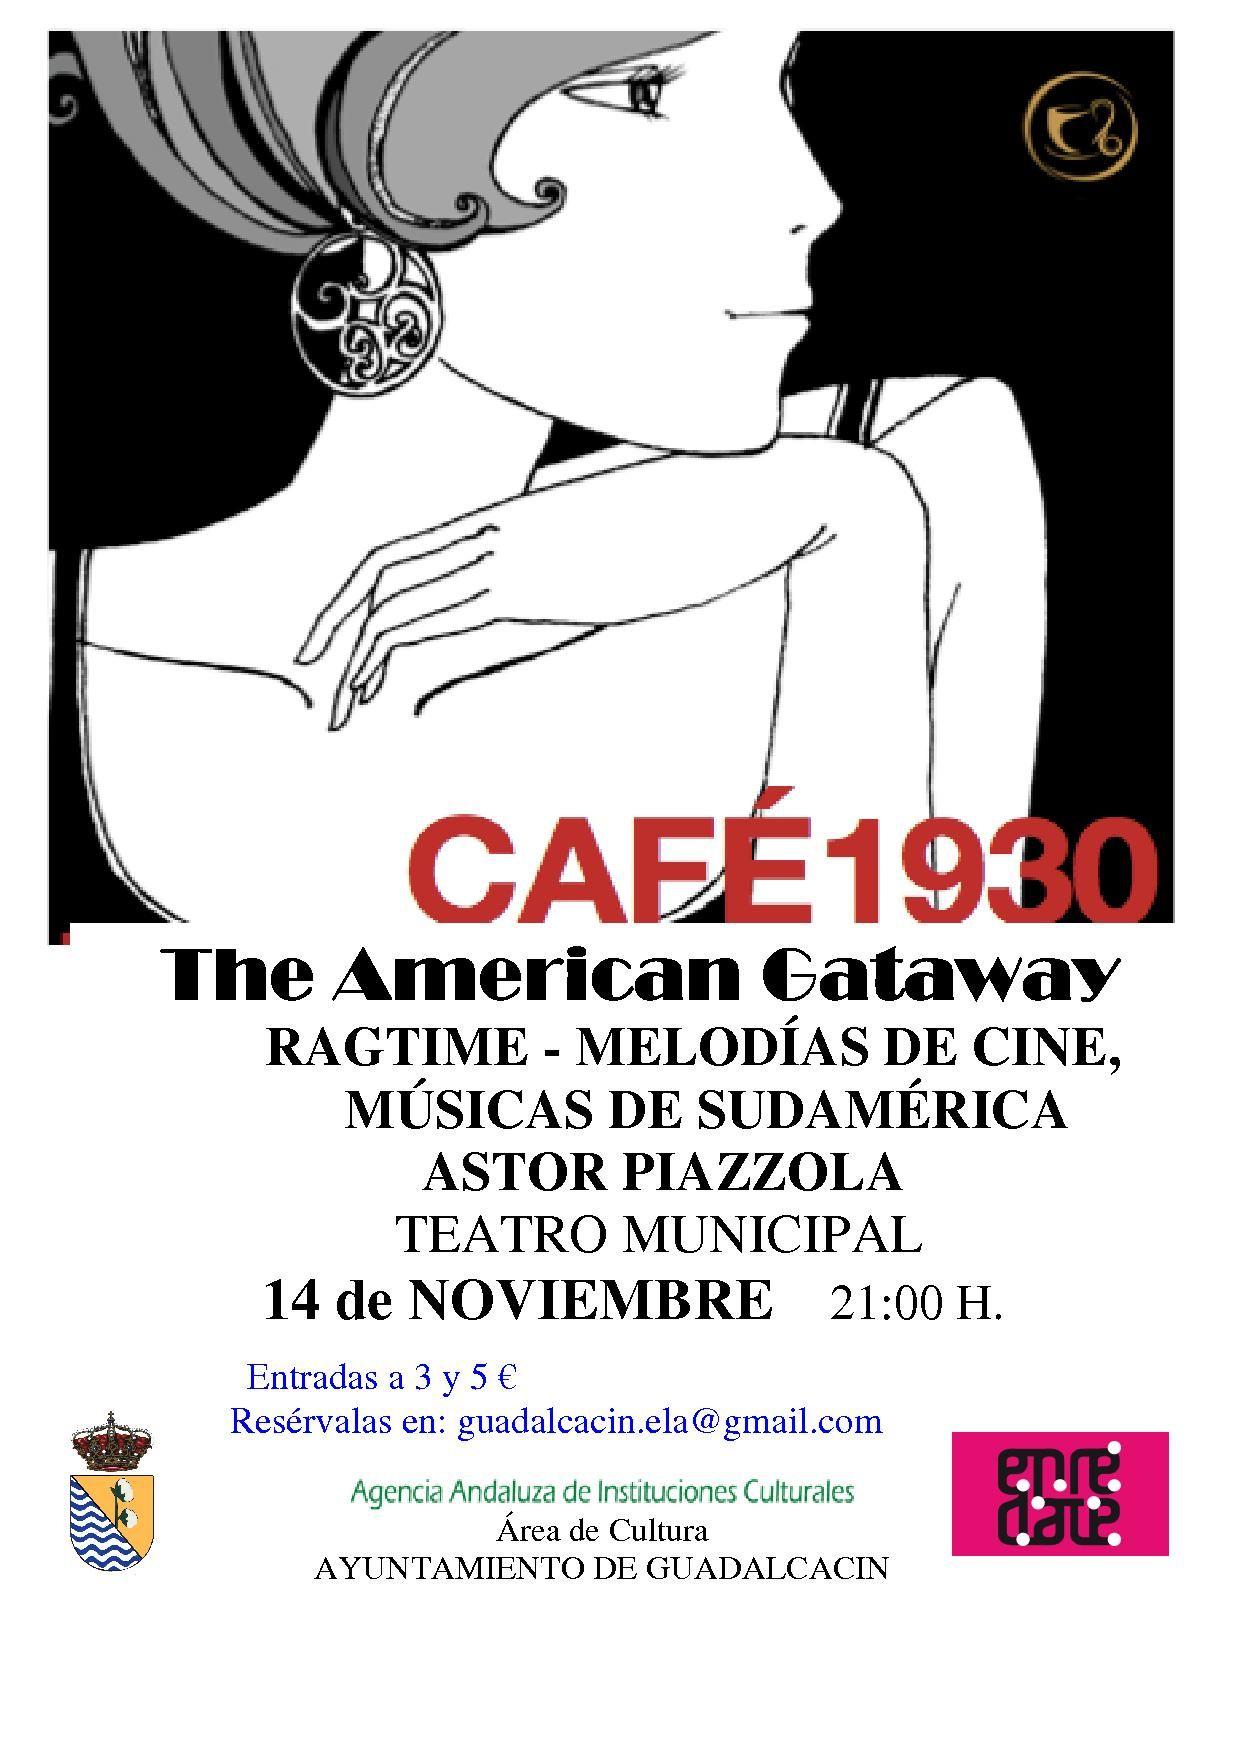 CAFE 1930 cartel